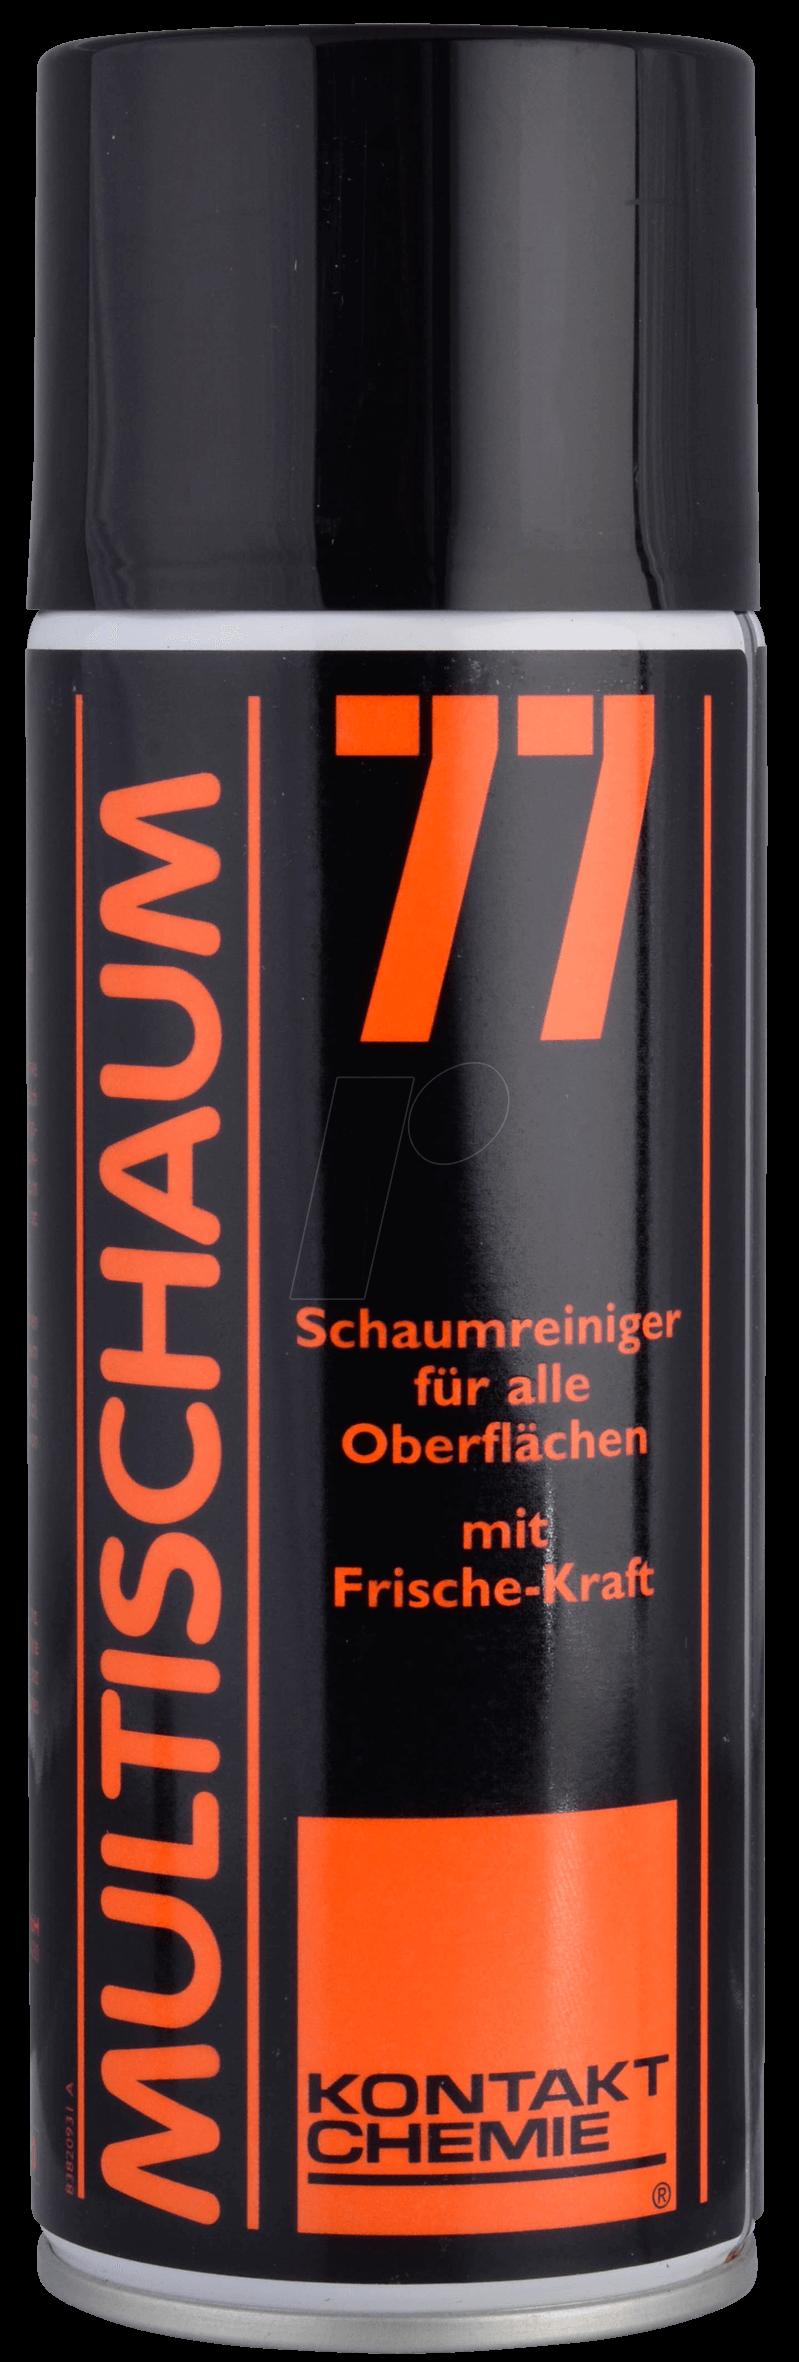 https://cdn-reichelt.de/bilder/web/xxl_ws/X200/KONTAKT_6274.png